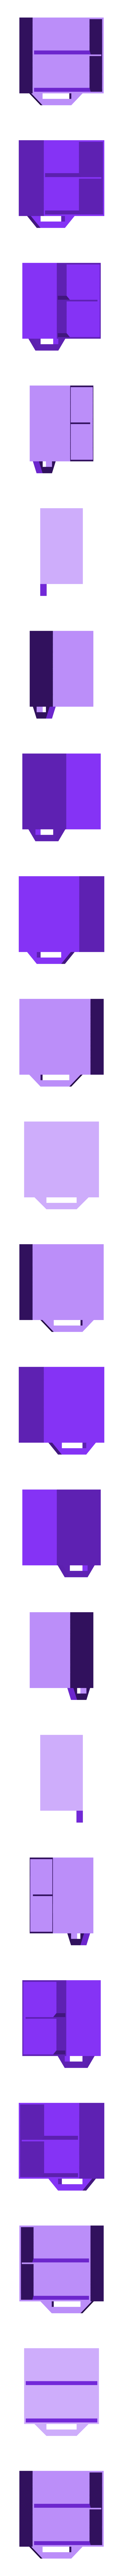 drawer_10x6_double.stl Télécharger fichier STL gratuit Support de système de stockage multi-box • Modèle pour imprimante 3D, vmi